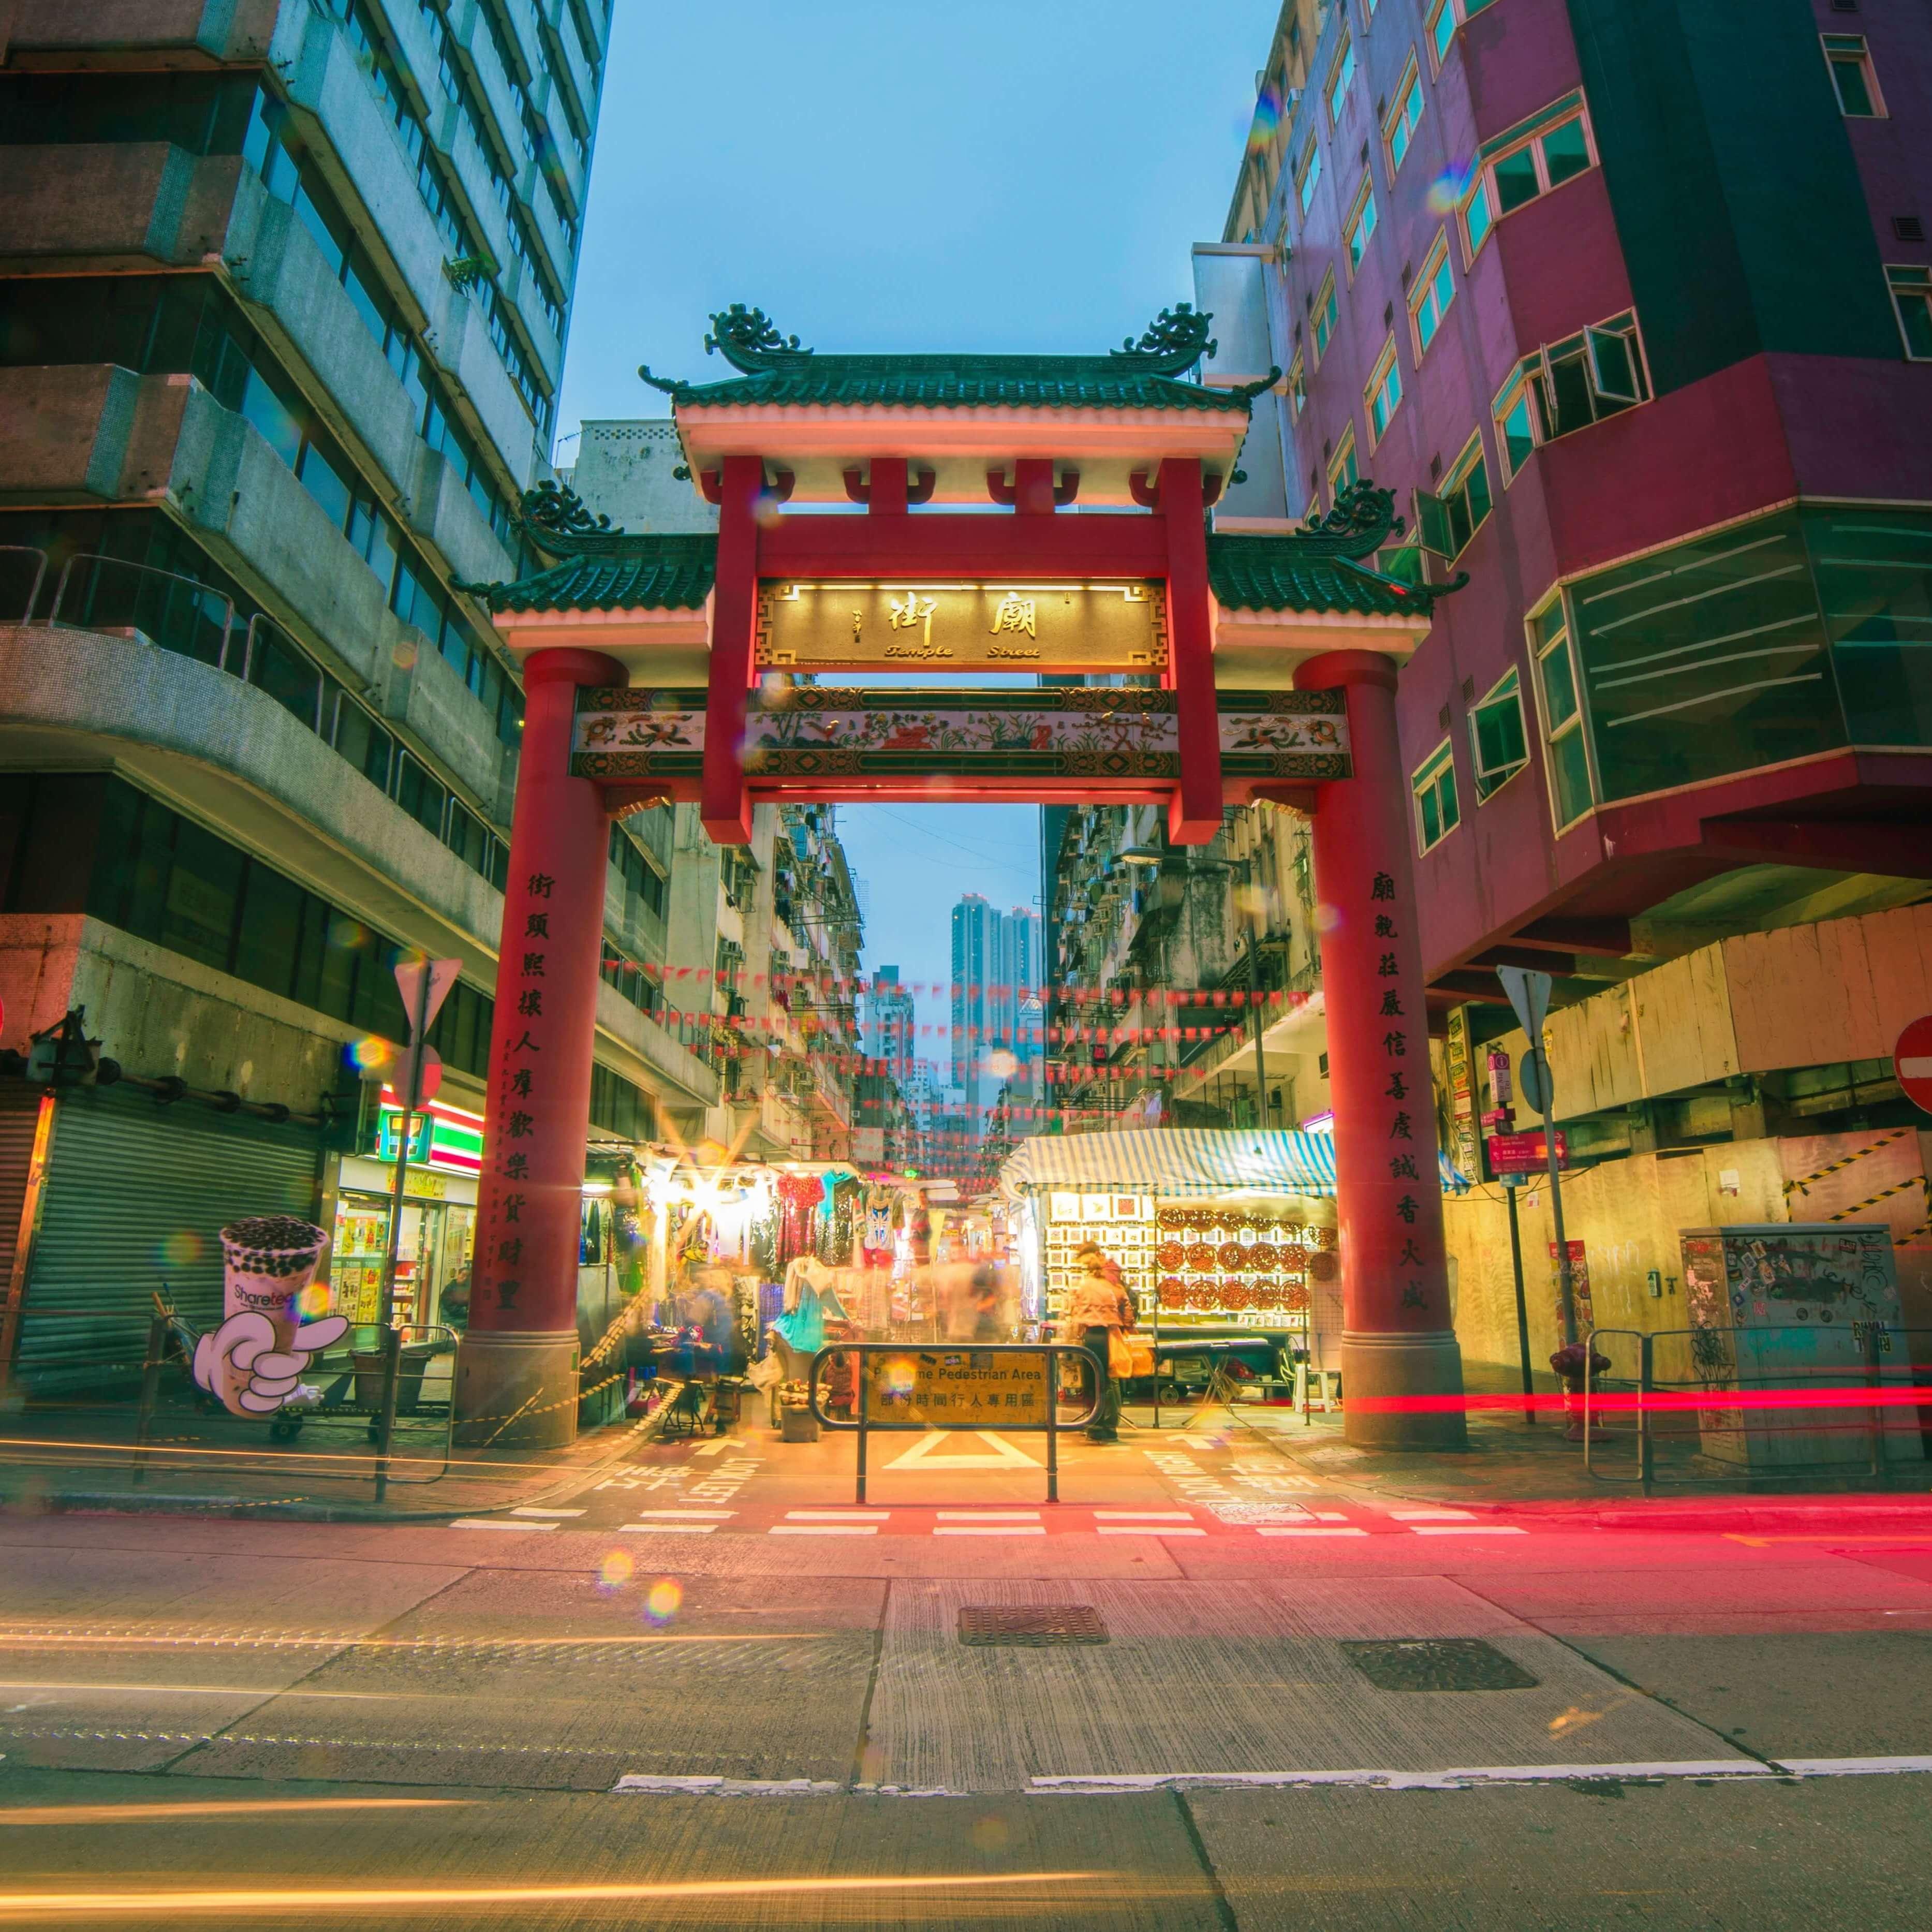 architecture-blur-buildings-946630